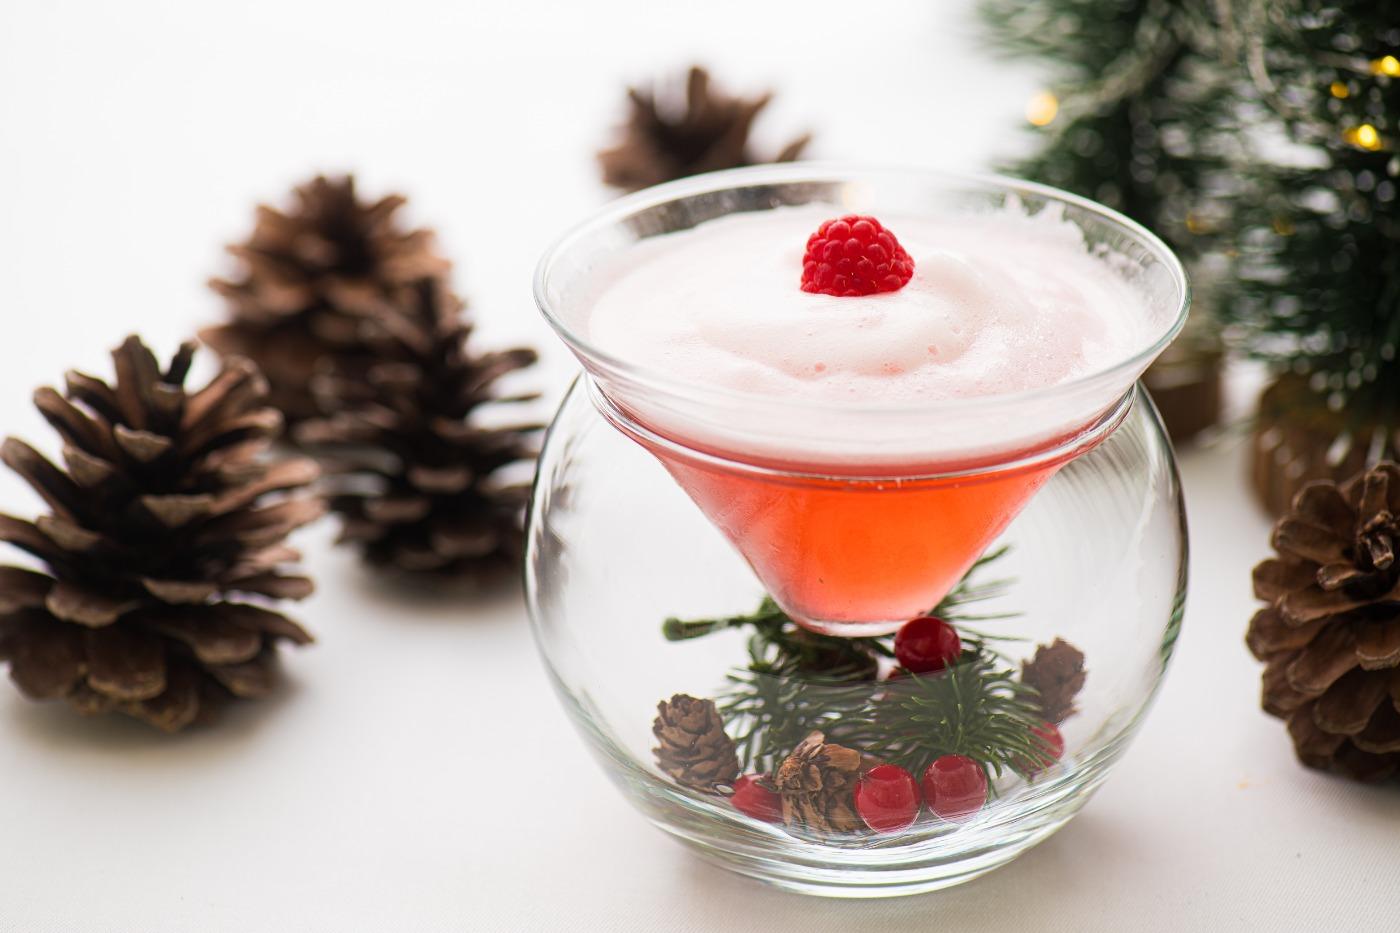 Winter Berry Cocktail Gradini